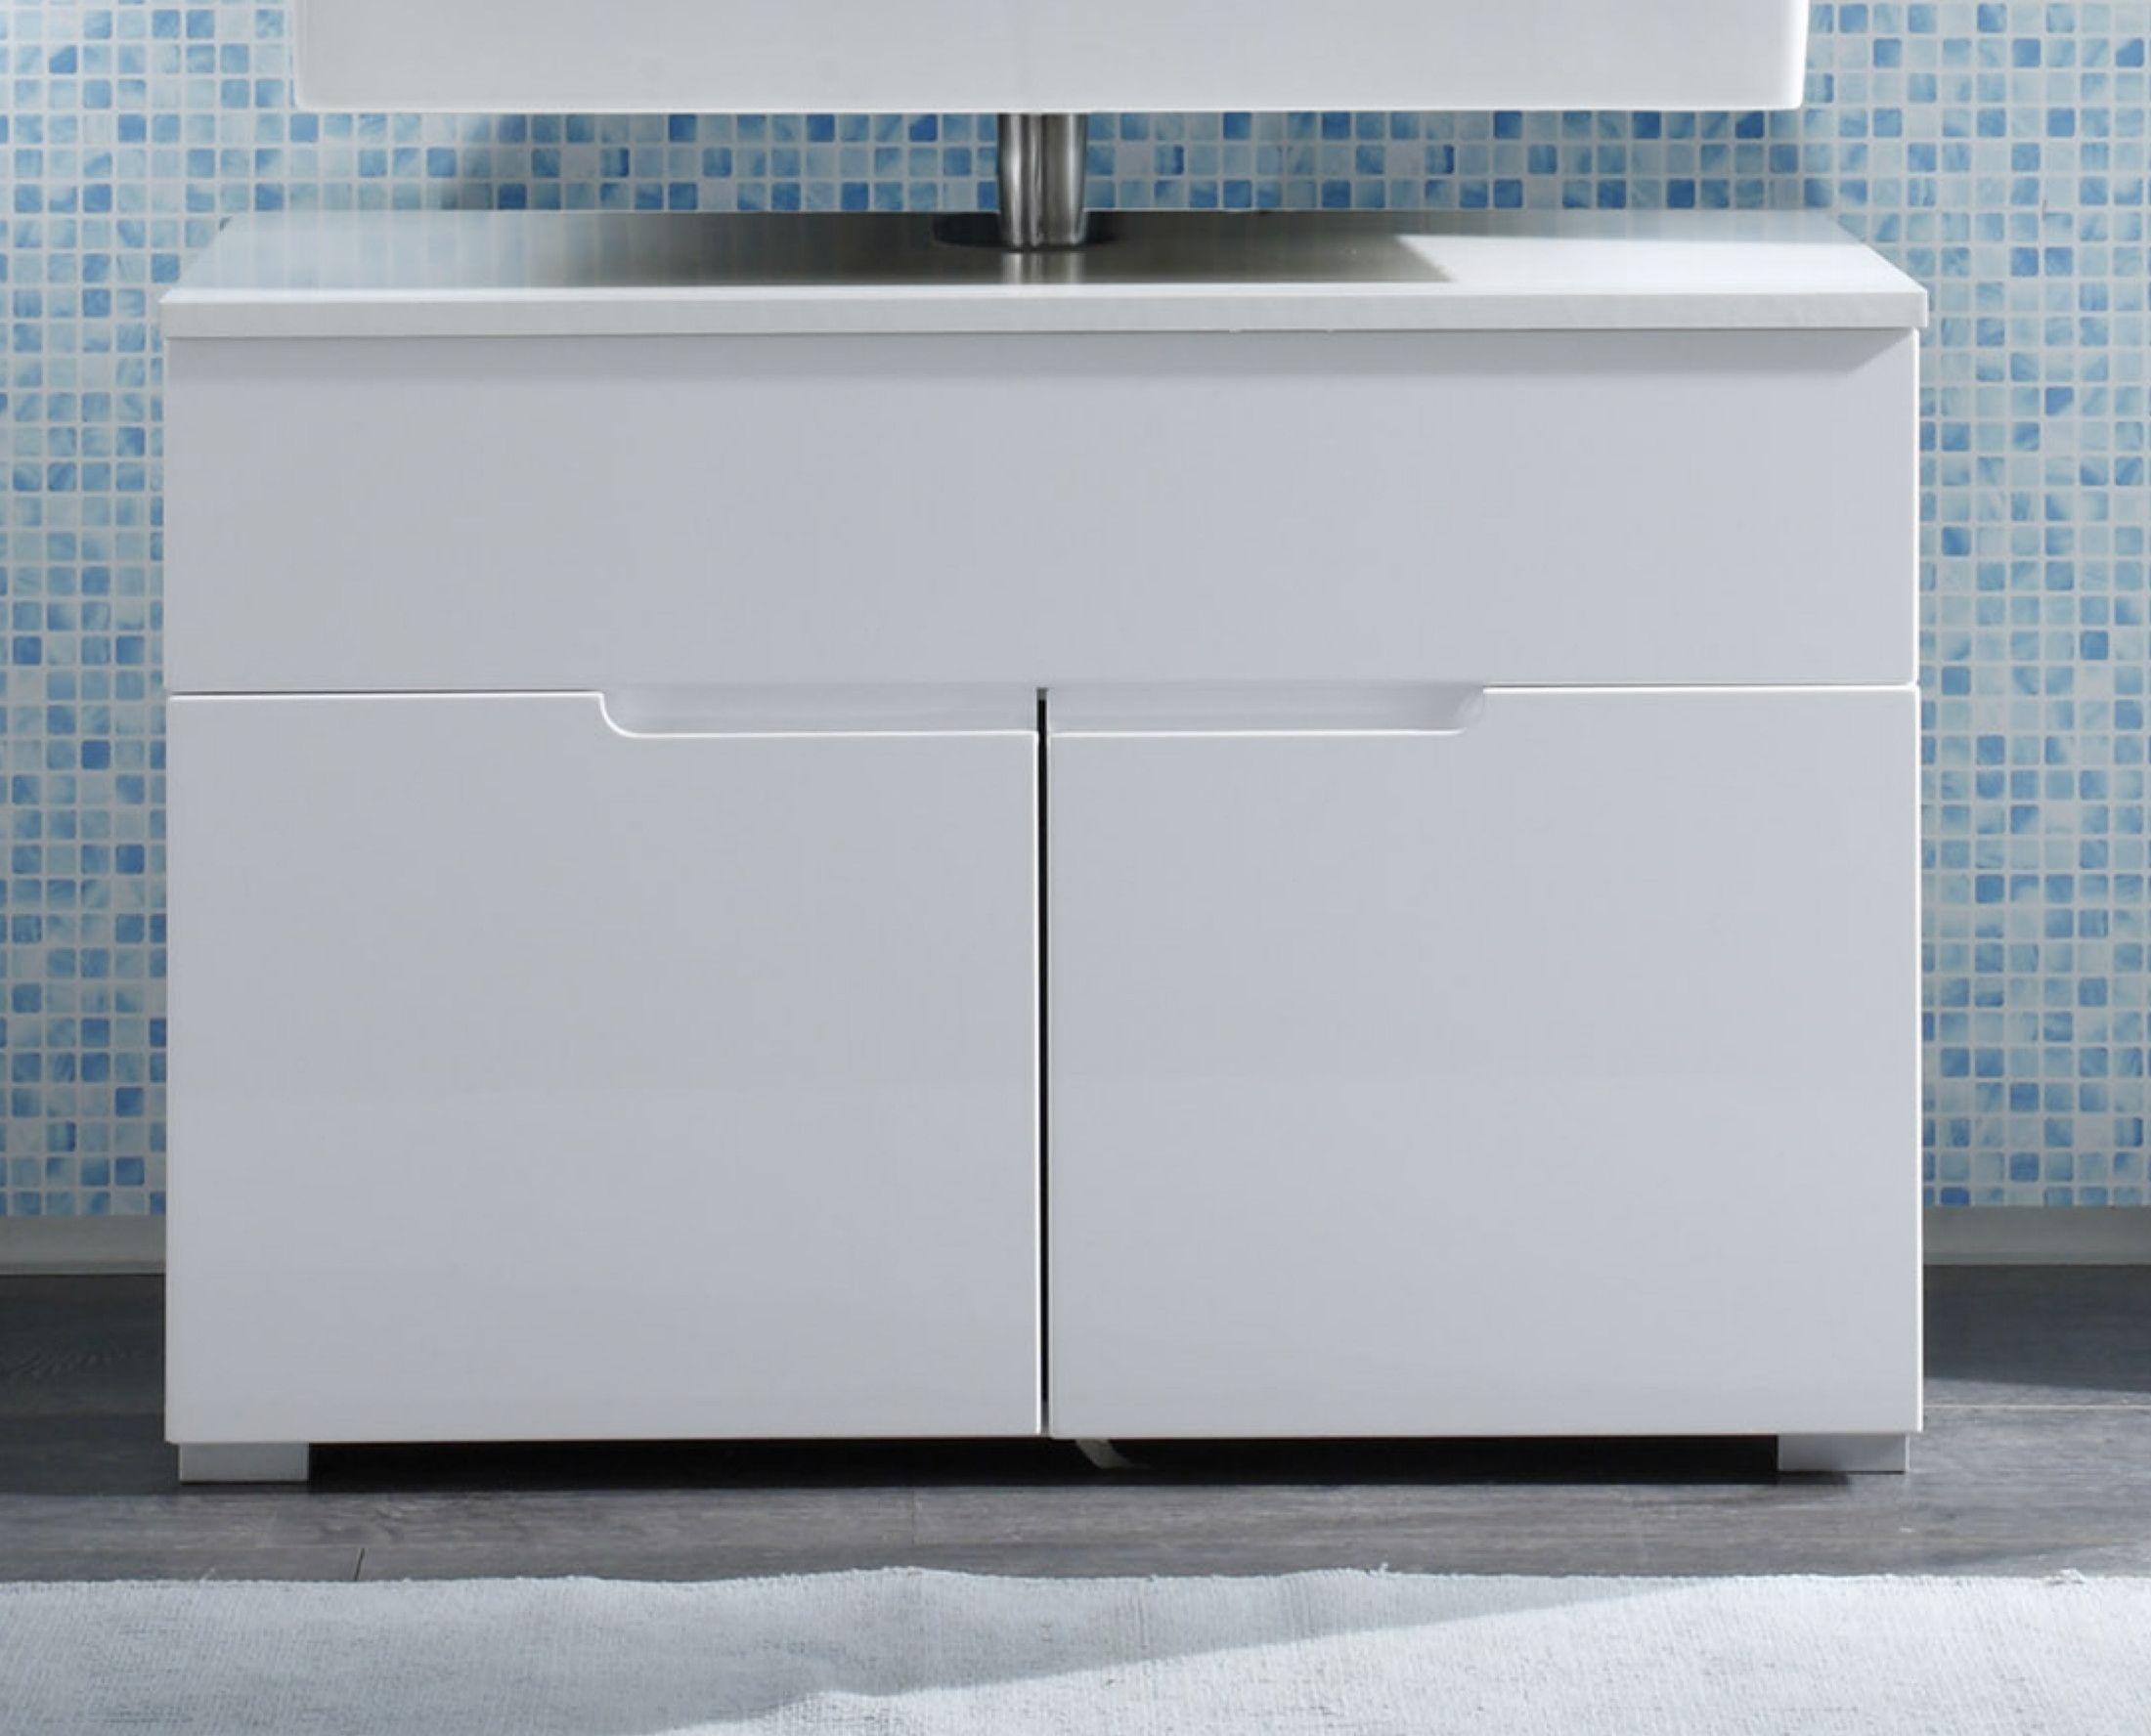 Waschtischunterschrank 120 Cm Breit Weiss Hochglanz Doppel